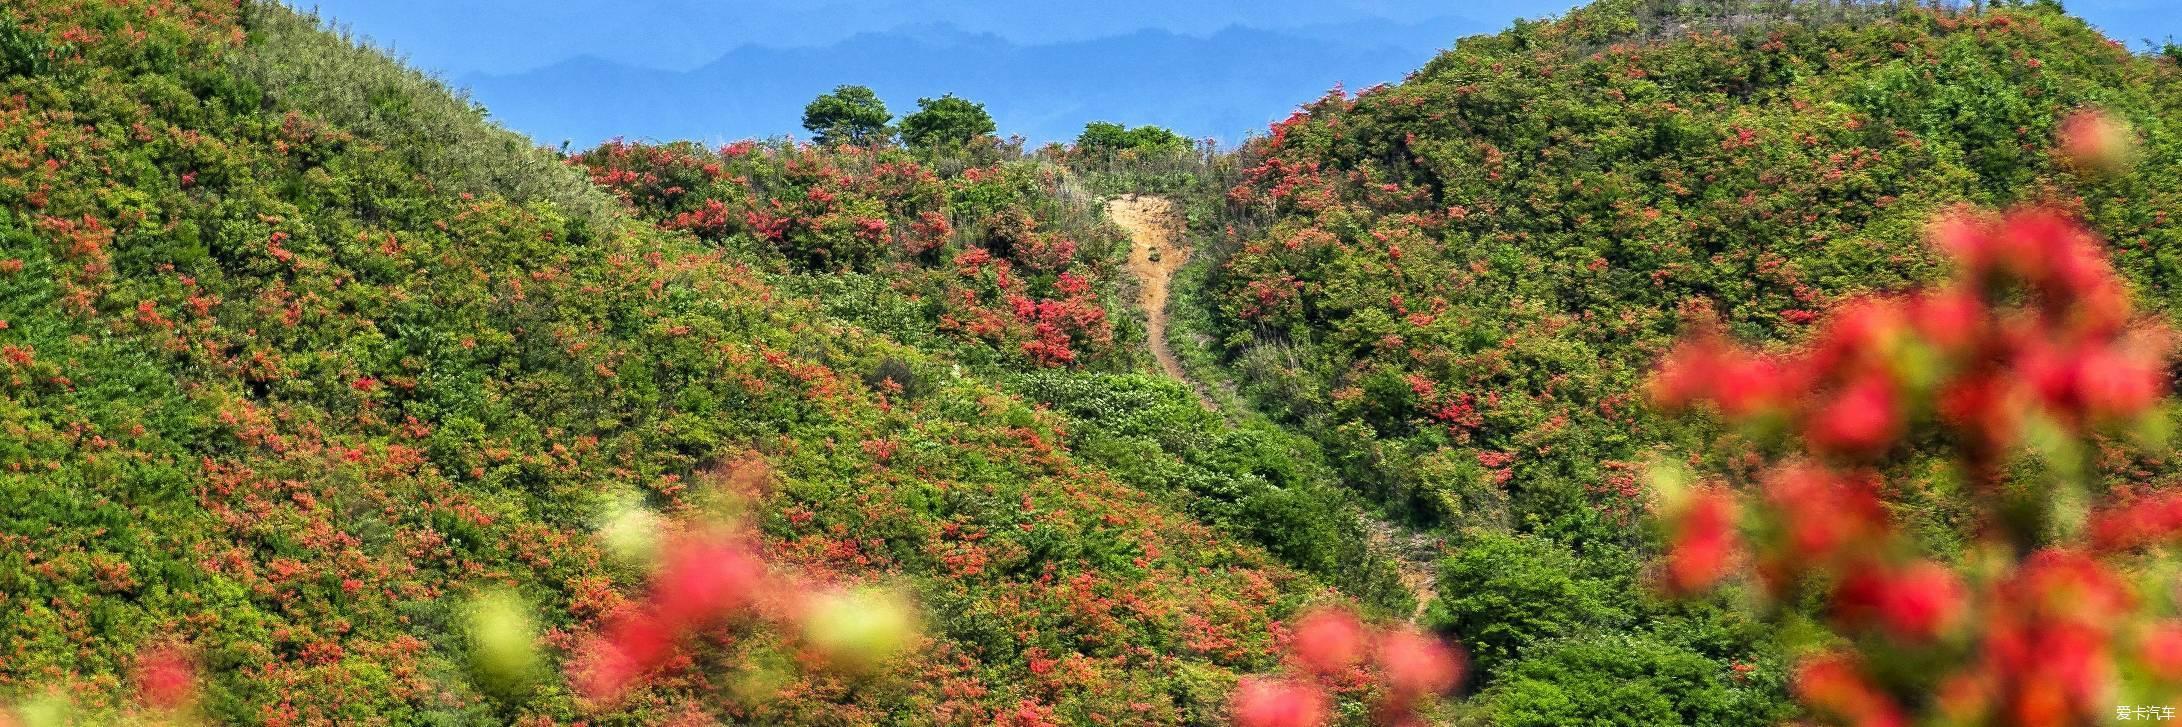 自驾浏阳大围山,岭上开遍映山红